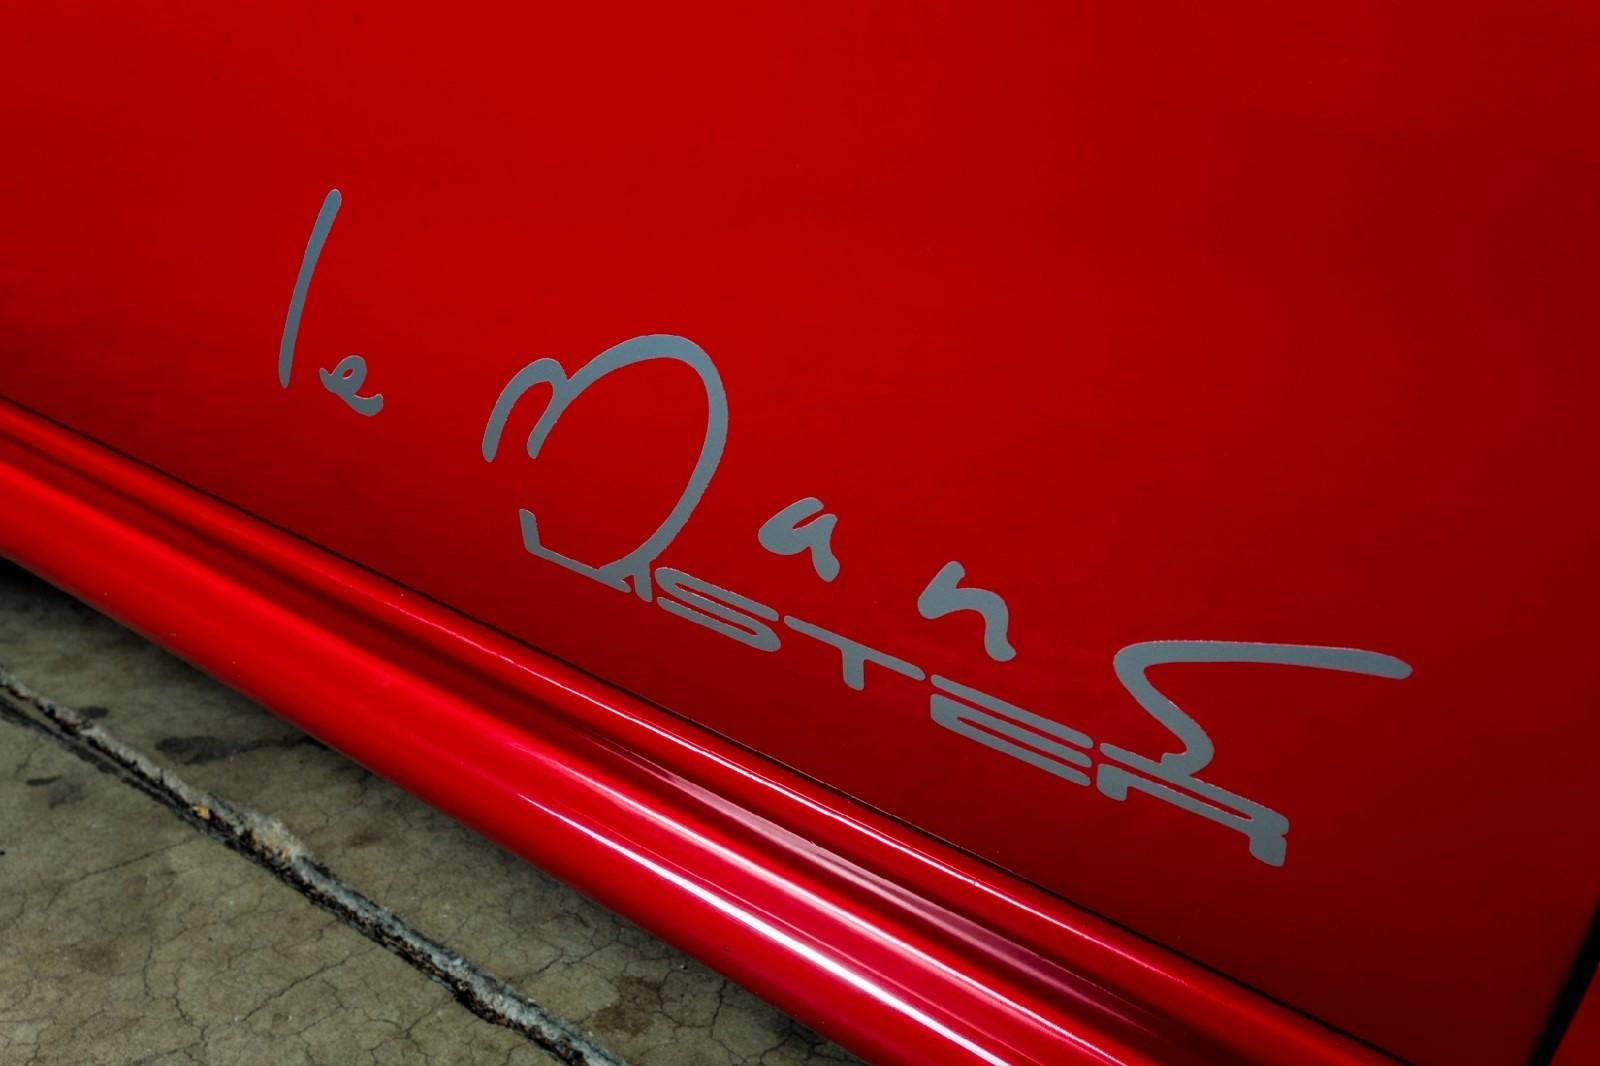 Lister Jaguar XJS 7.0 Le Mans Coupe for sale (6)